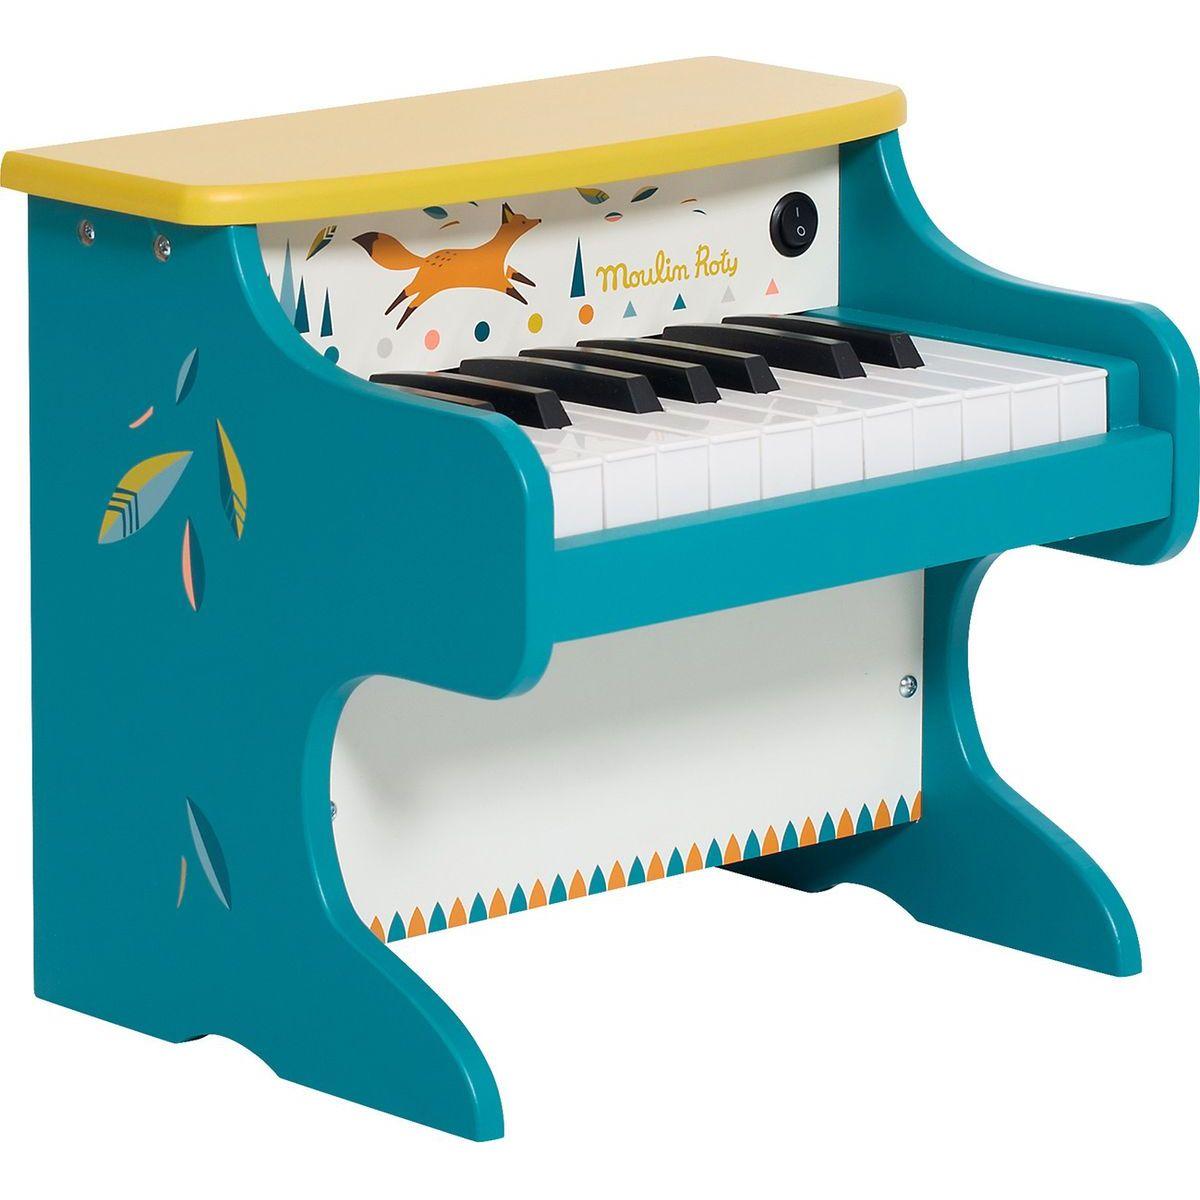 Moulin Roty Dřevěné piano Moulin Roty